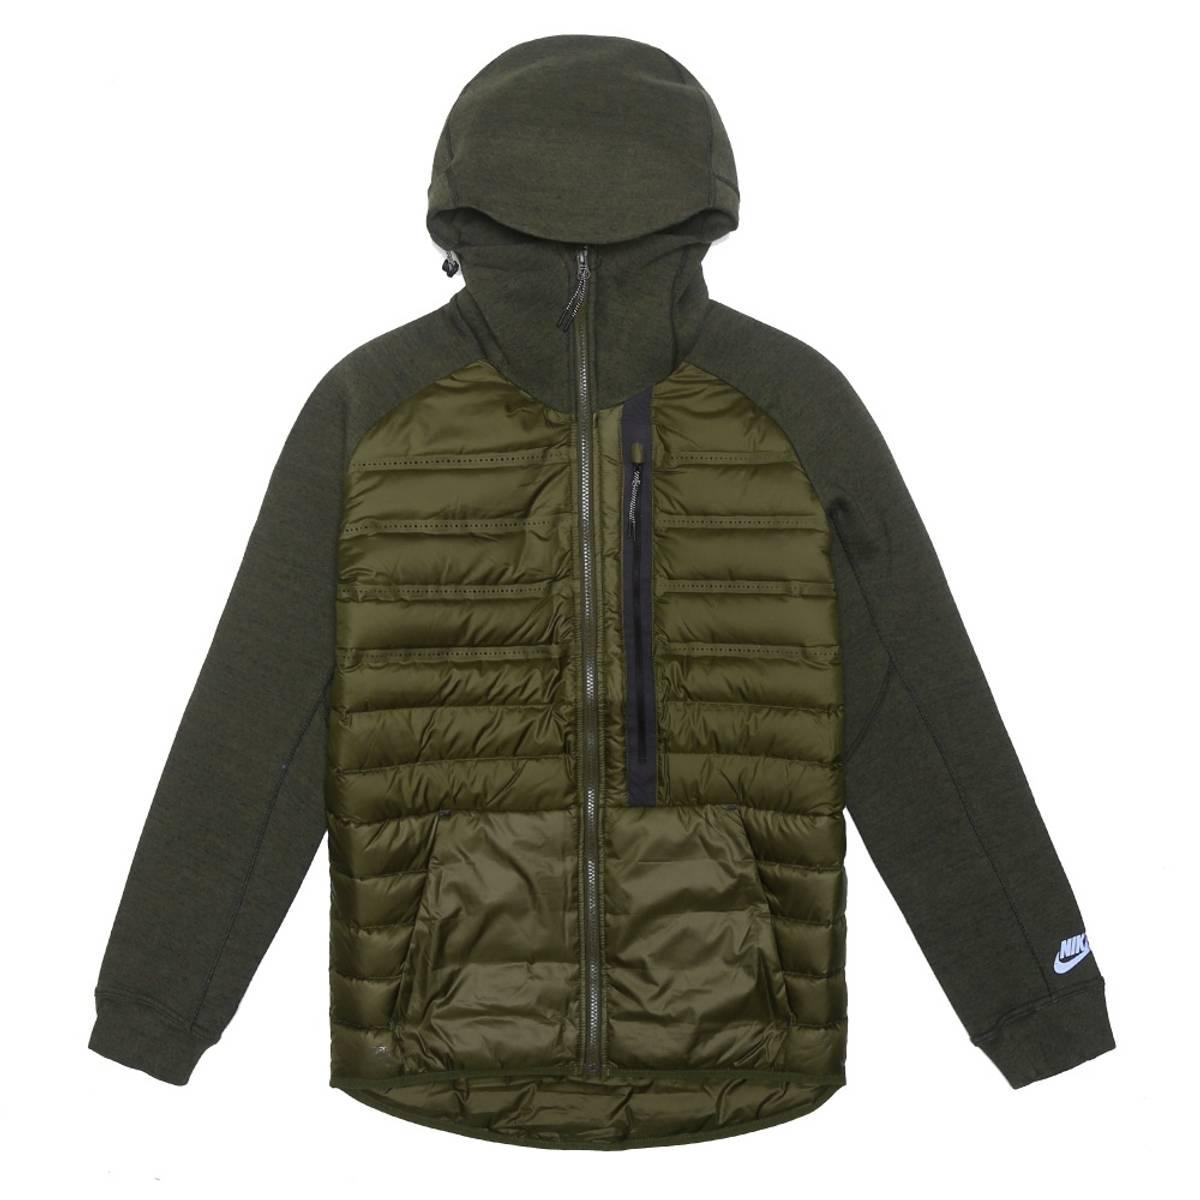 Nike Tech Fleece Aeroloft Jacket - Dark Loden Size xl - Light ... bc51a210ba2d